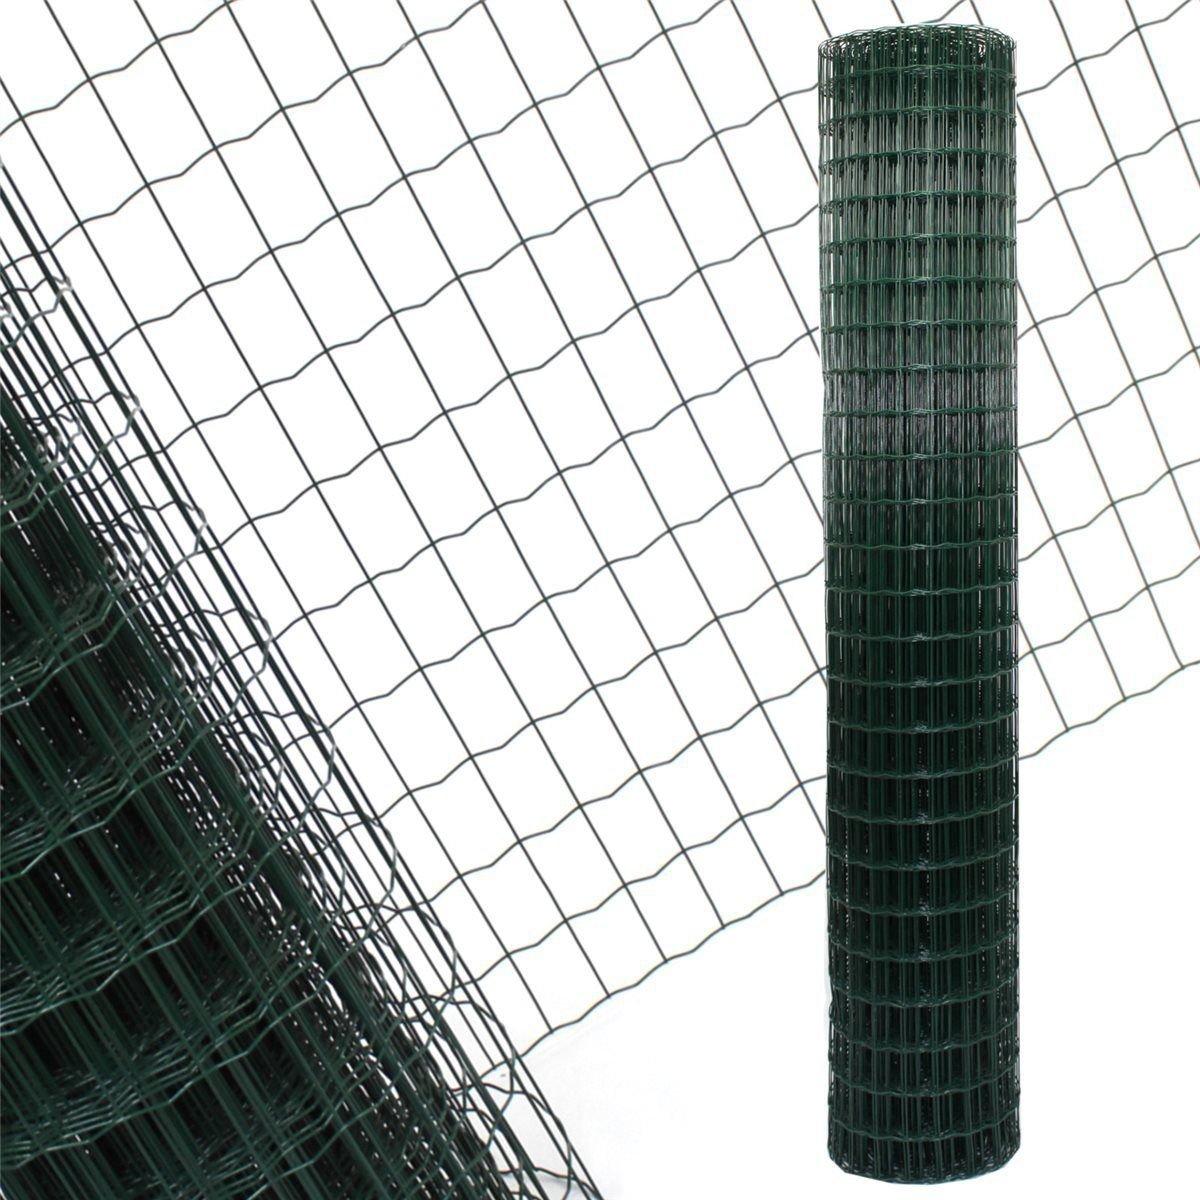 Gartenzaun Grün - 10m Länge x 2 m Höhe + kostenloser Versand ...